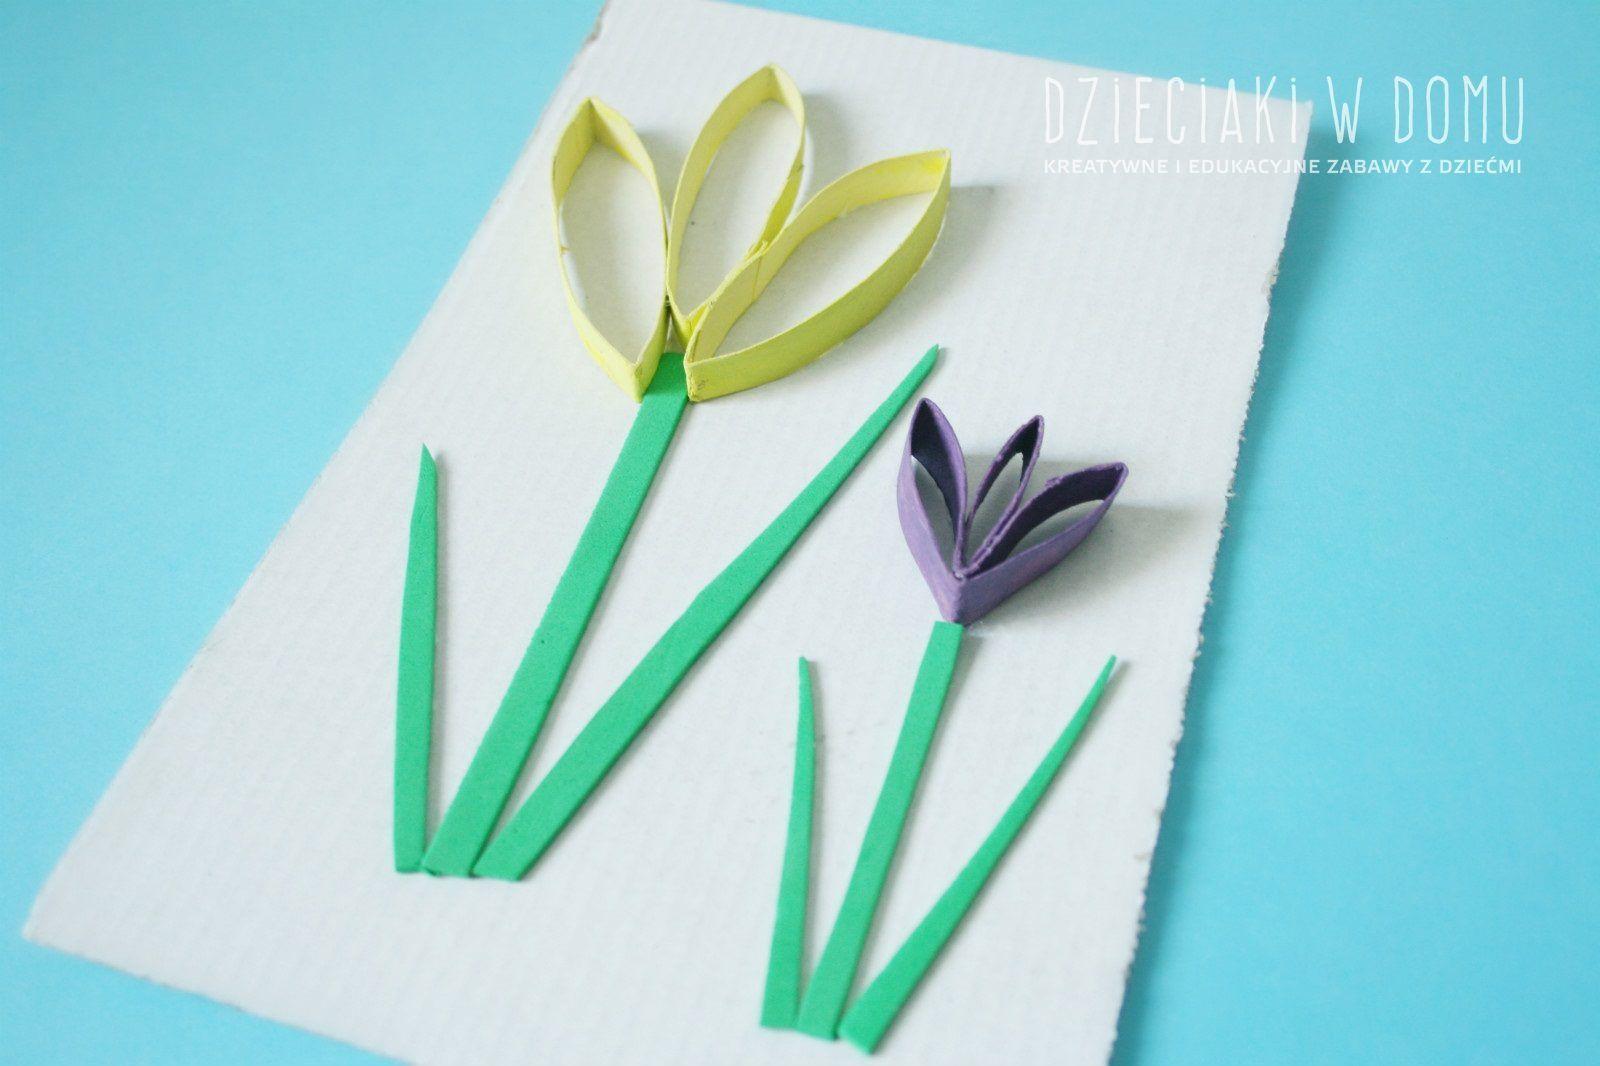 Wiosenne Krokusy I Motylki Z Rolek Dzieciaki W Domu Flower Crafts Spring Crafts For Kids Spring Crafts